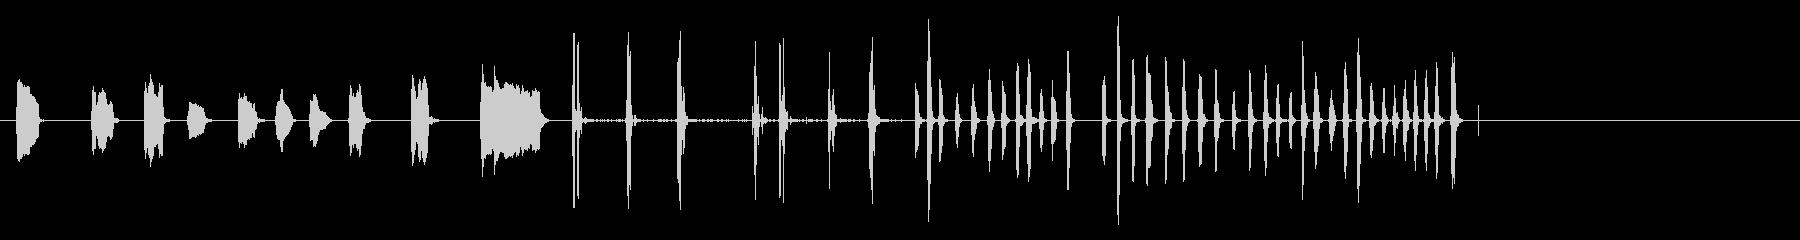 さまざまな短いトリルを演奏するピッコロ。の未再生の波形